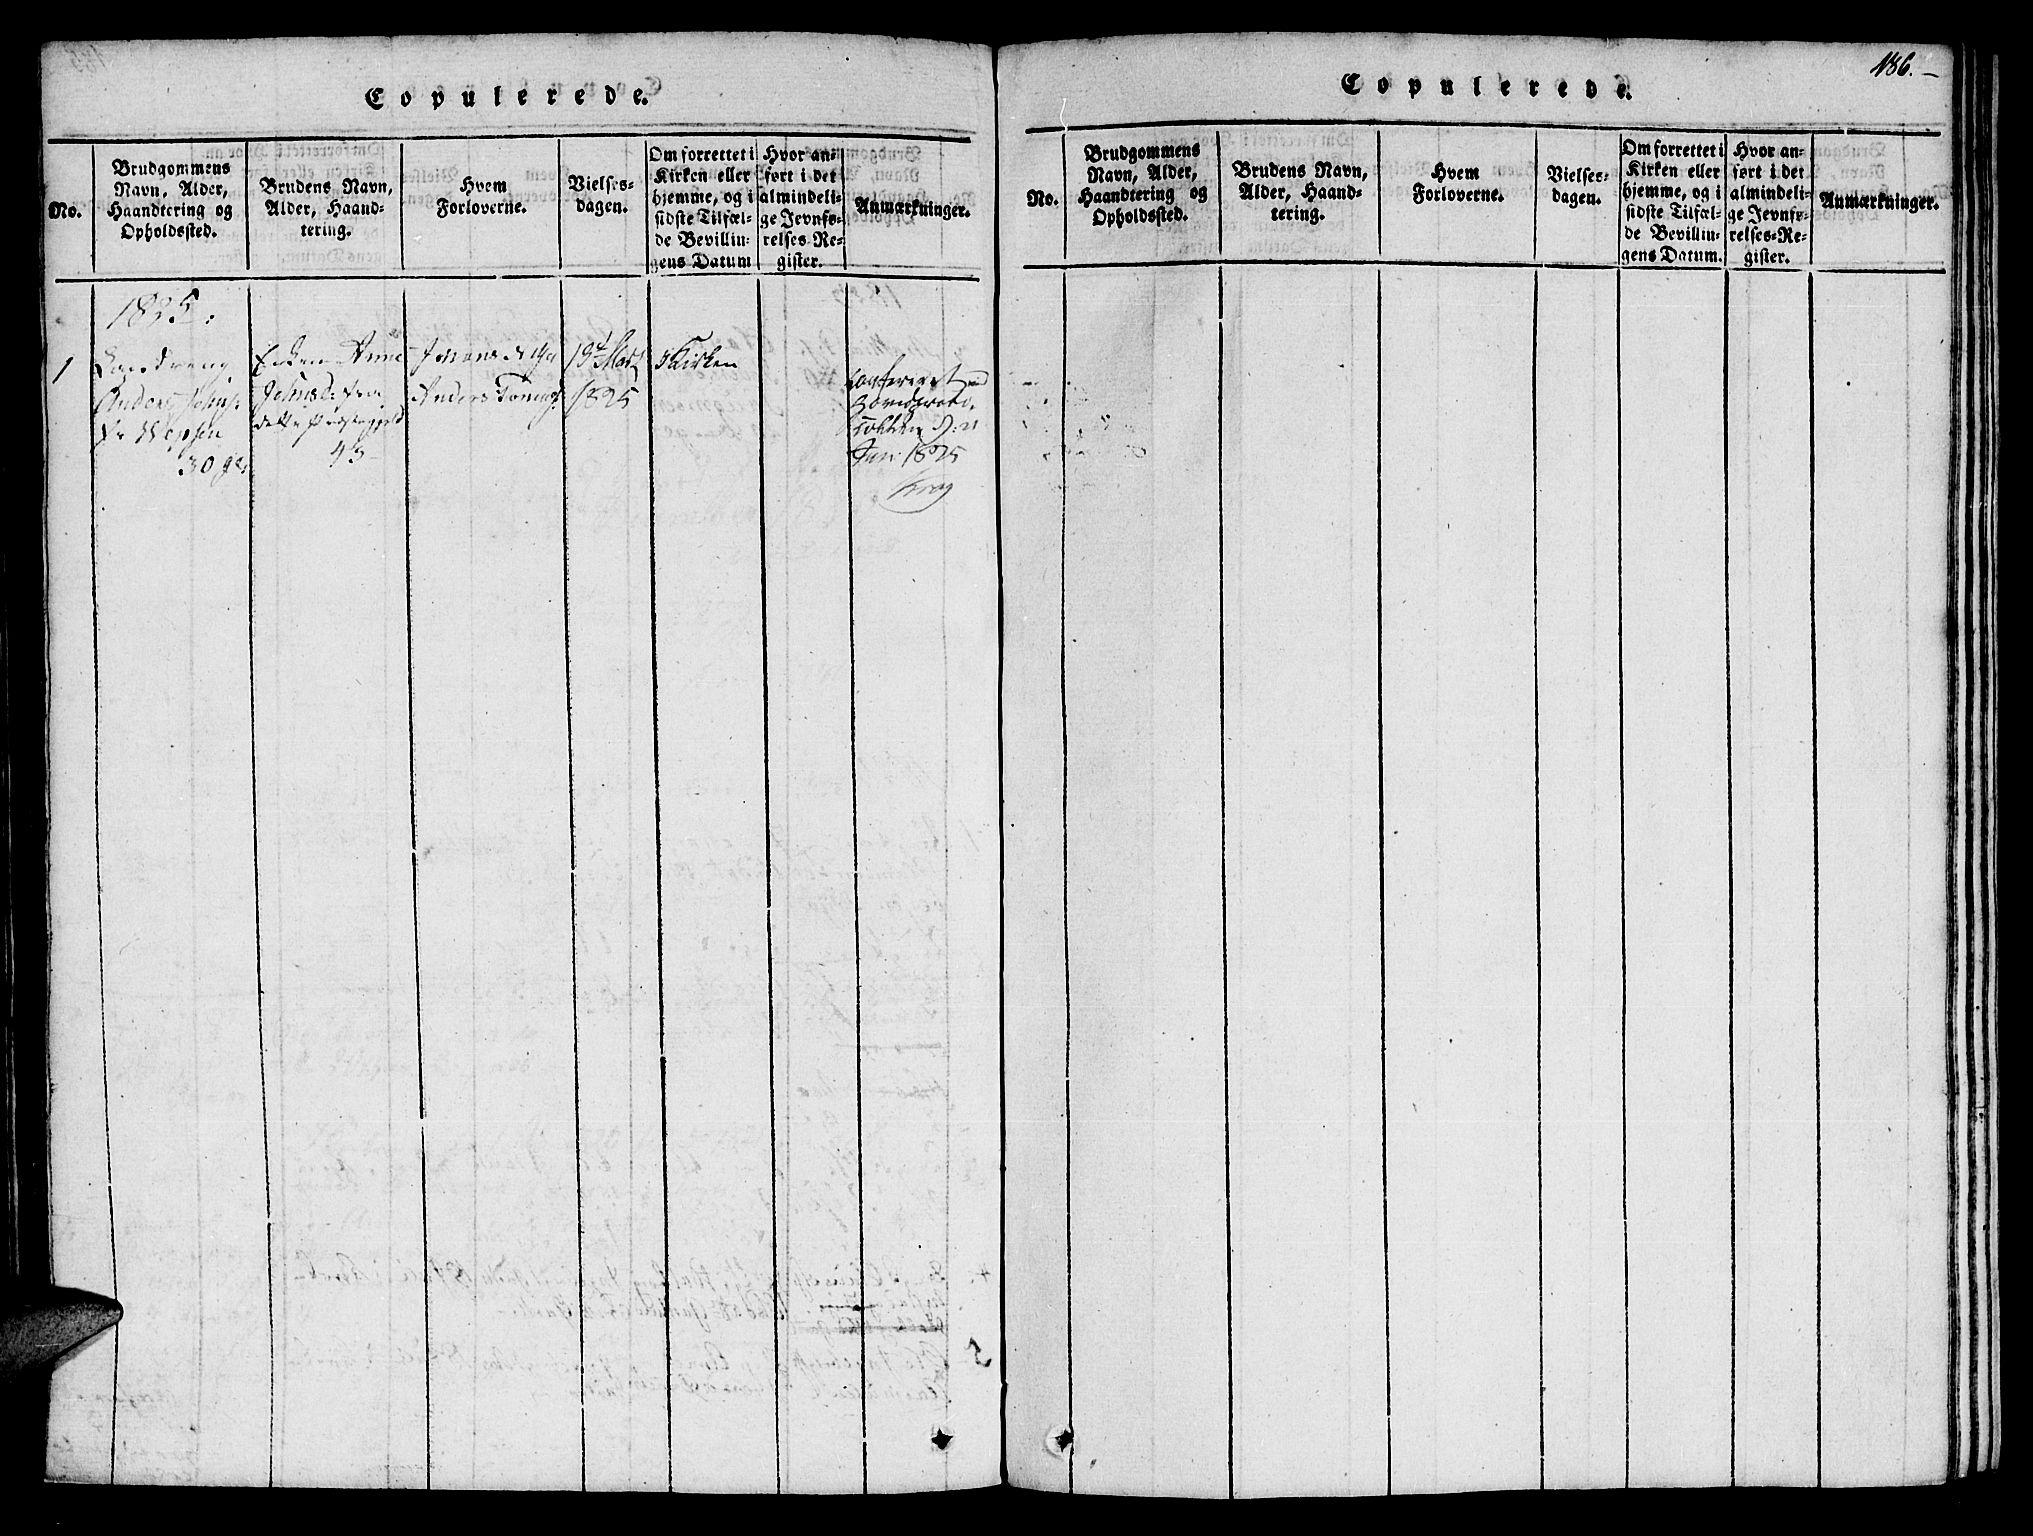 SAT, Ministerialprotokoller, klokkerbøker og fødselsregistre - Nord-Trøndelag, 759/L0527: Klokkerbok nr. 759C01 /1, 1816-1825, s. 186